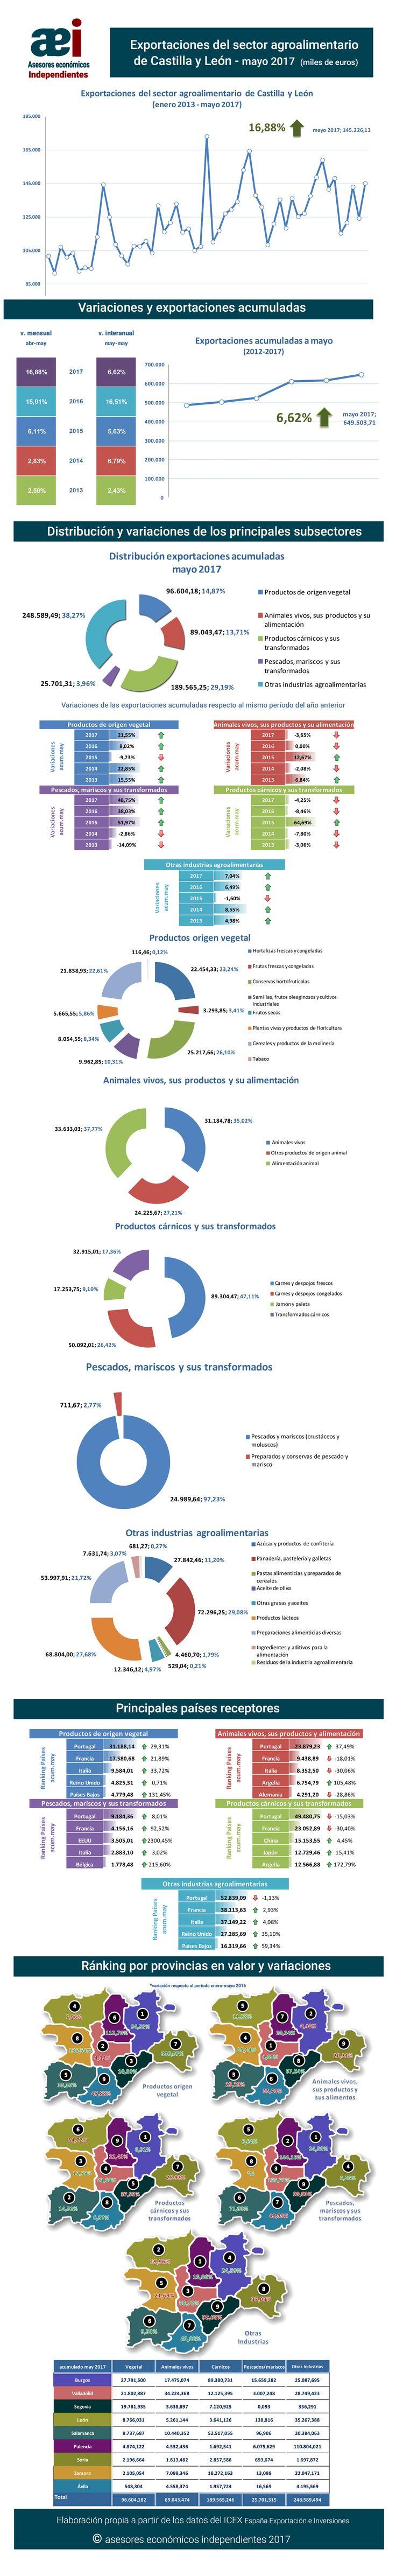 infografía de exportaciones del sector agroalimentario de Castilla y León en el mes de mayo 2017 realizada por Javier Méndez Lirón